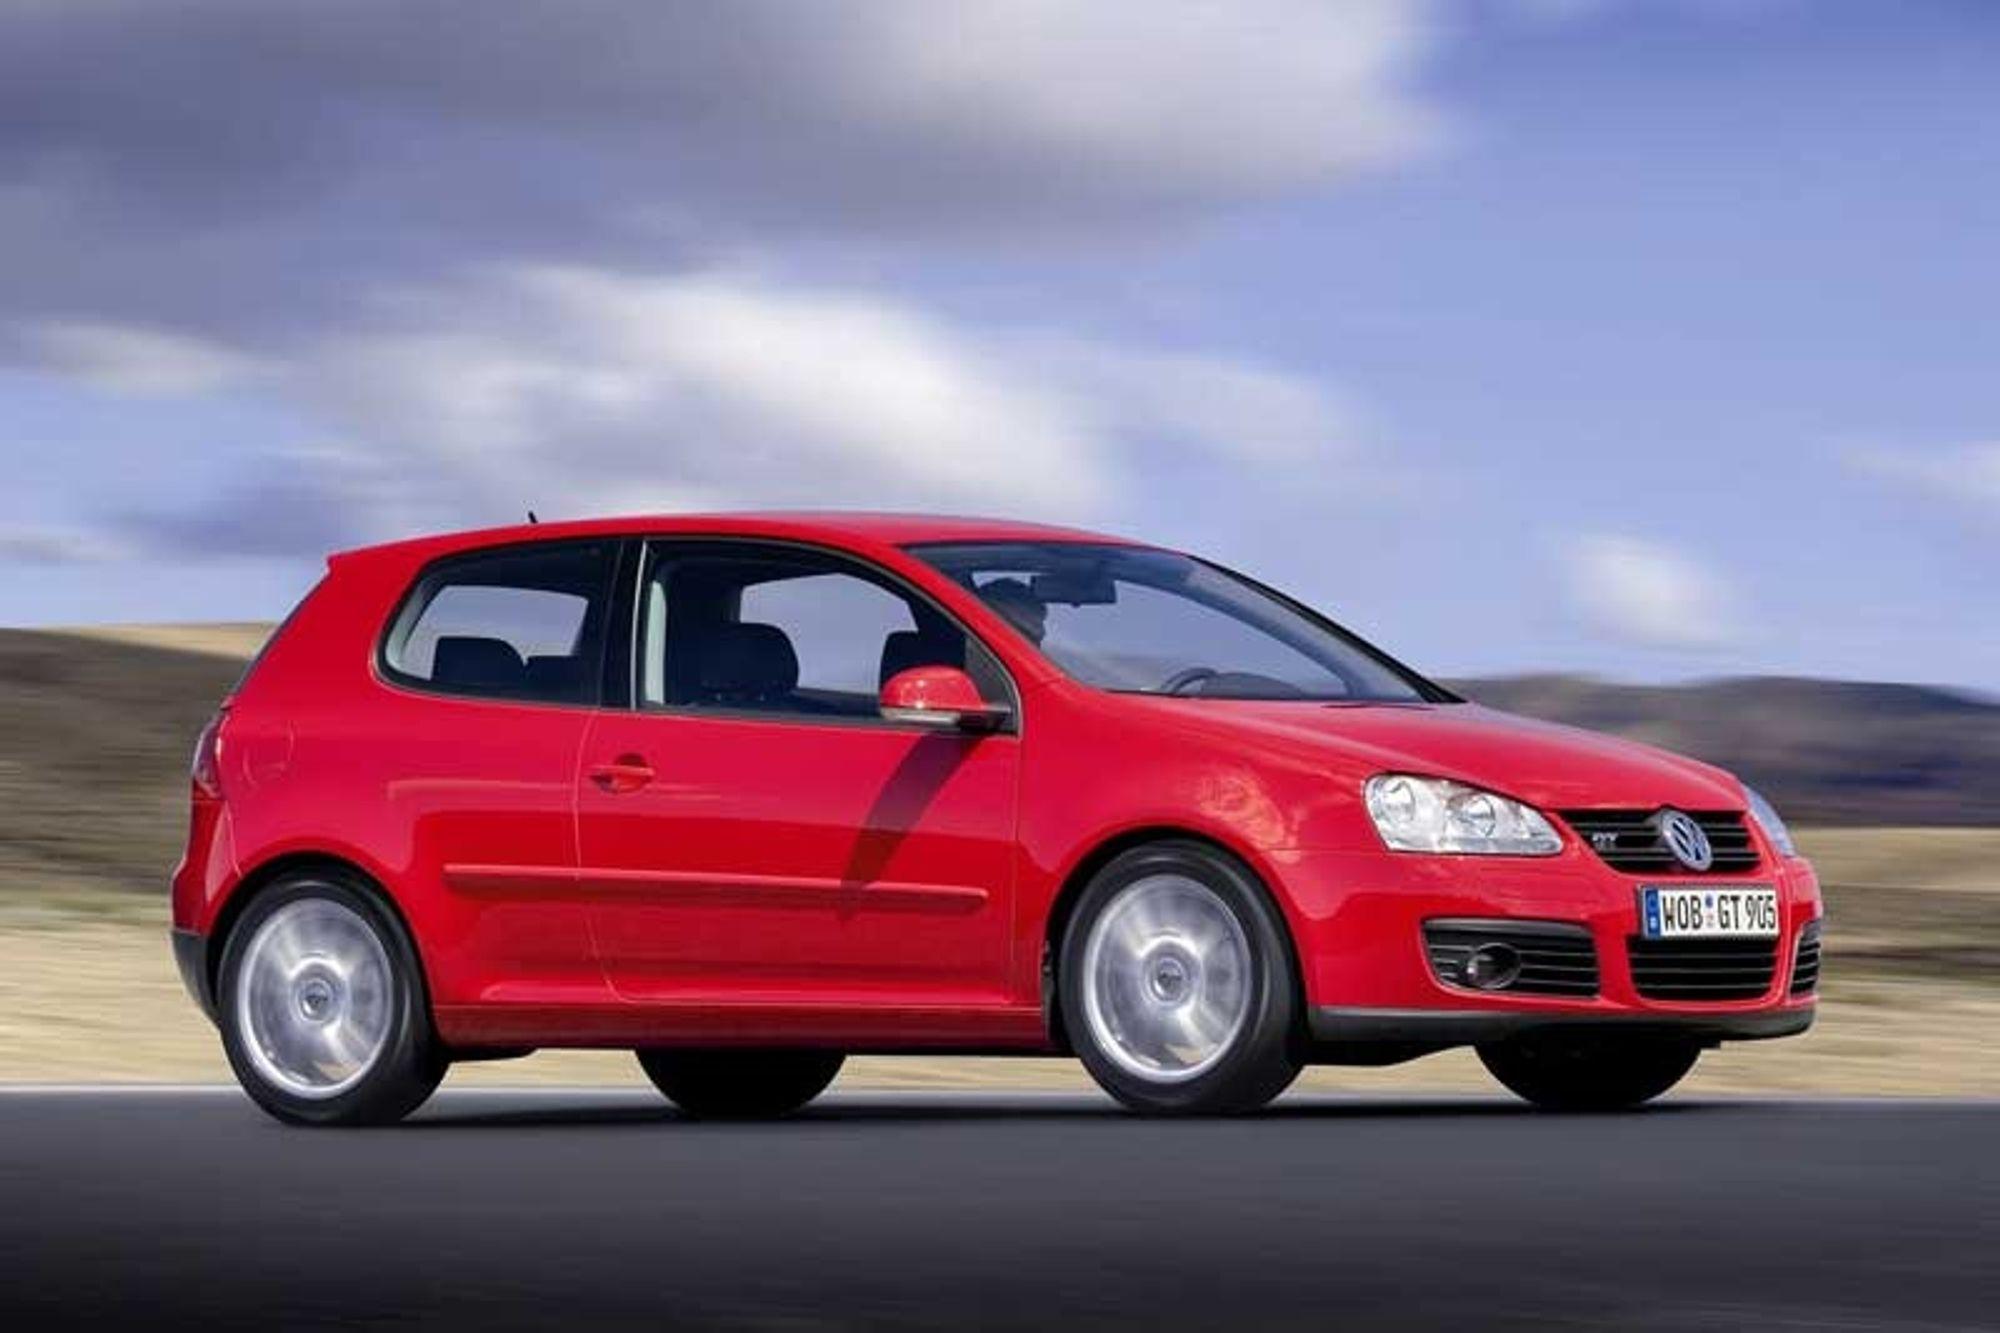 LAVT UTSLIPP: Volkswagen har kommet med en Golf som bare slipper ut 119 gram CO2 per kilometer.